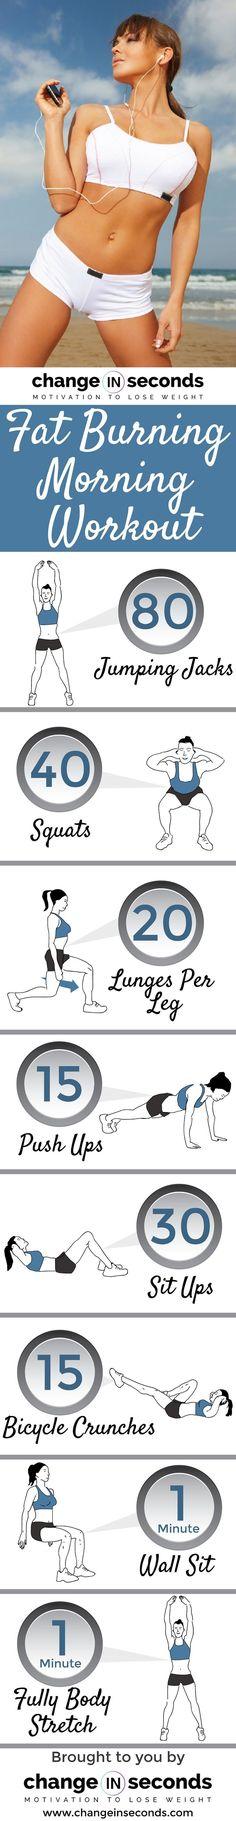 Fat Burning Morning Workout (Download PDF) #workout